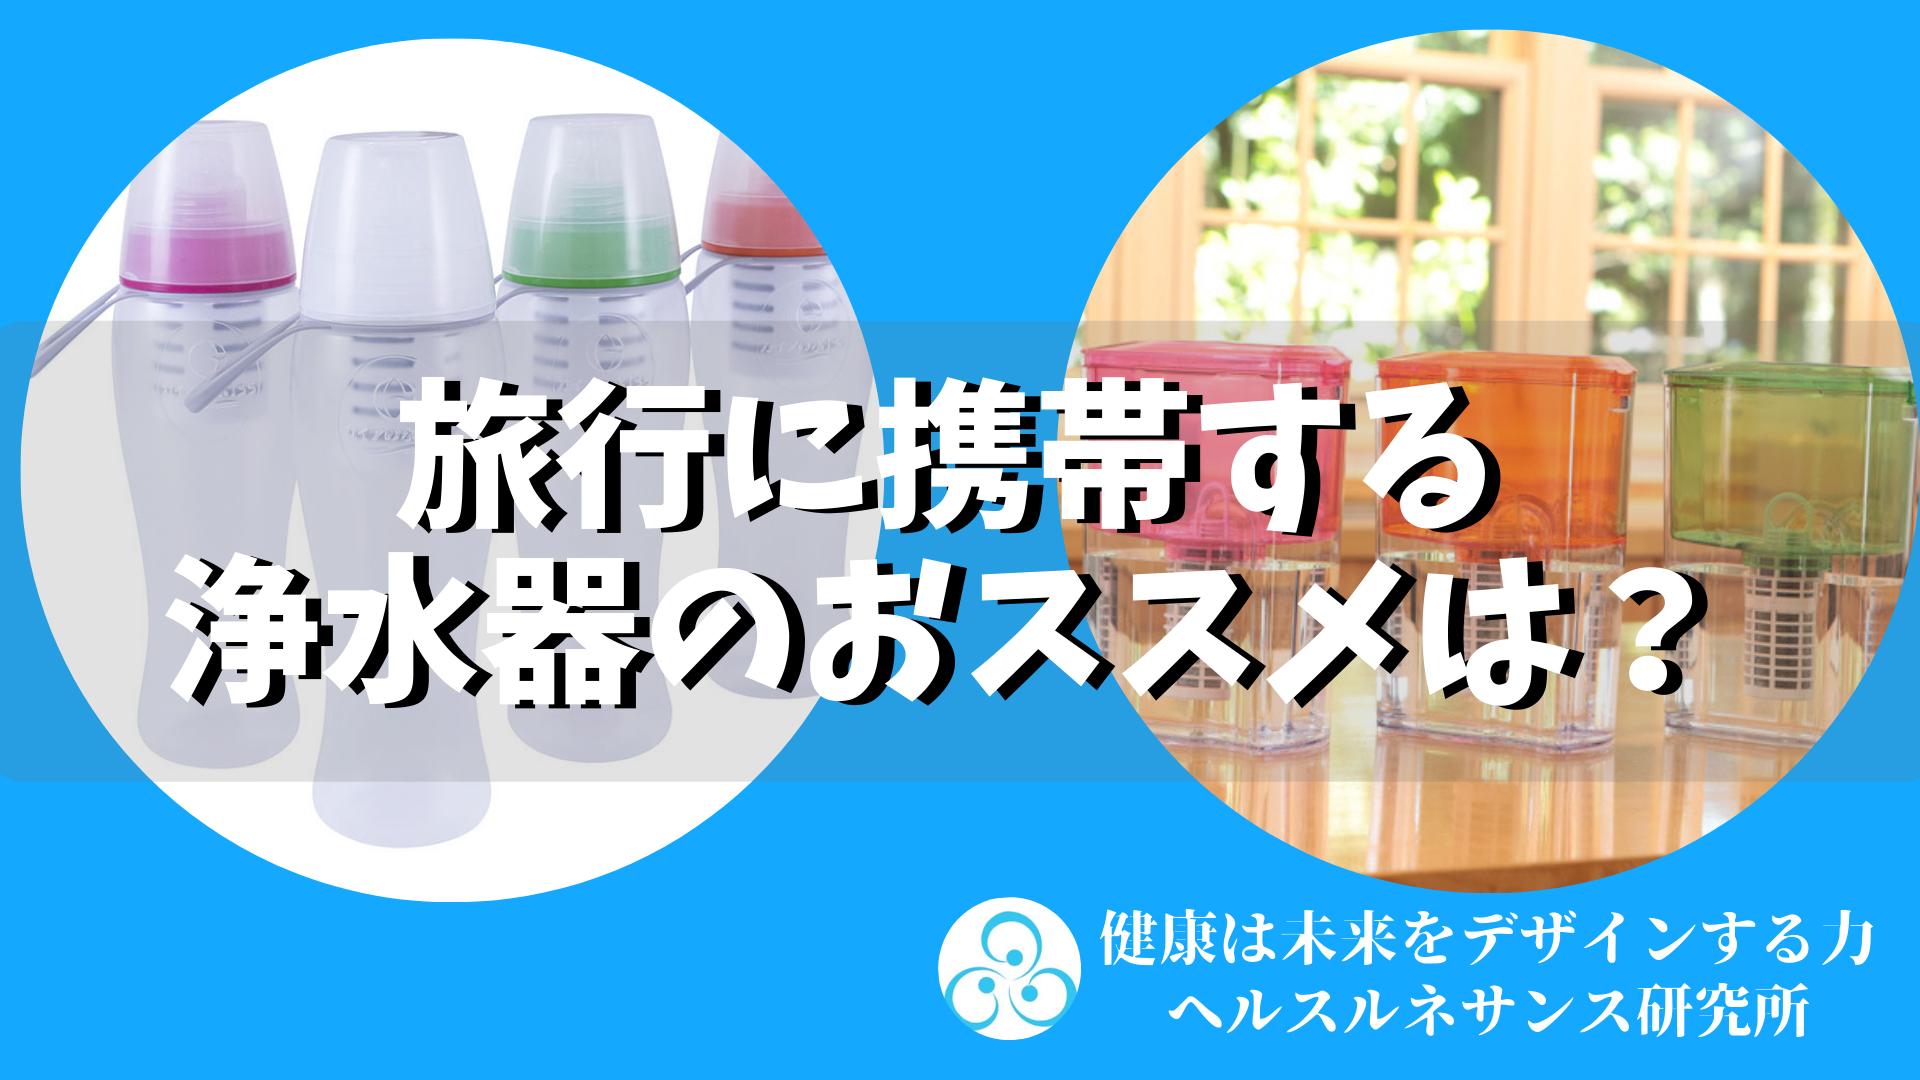 旅行用に持っていく携帯浄水器は、ポッドと水筒どちらがおススメか?